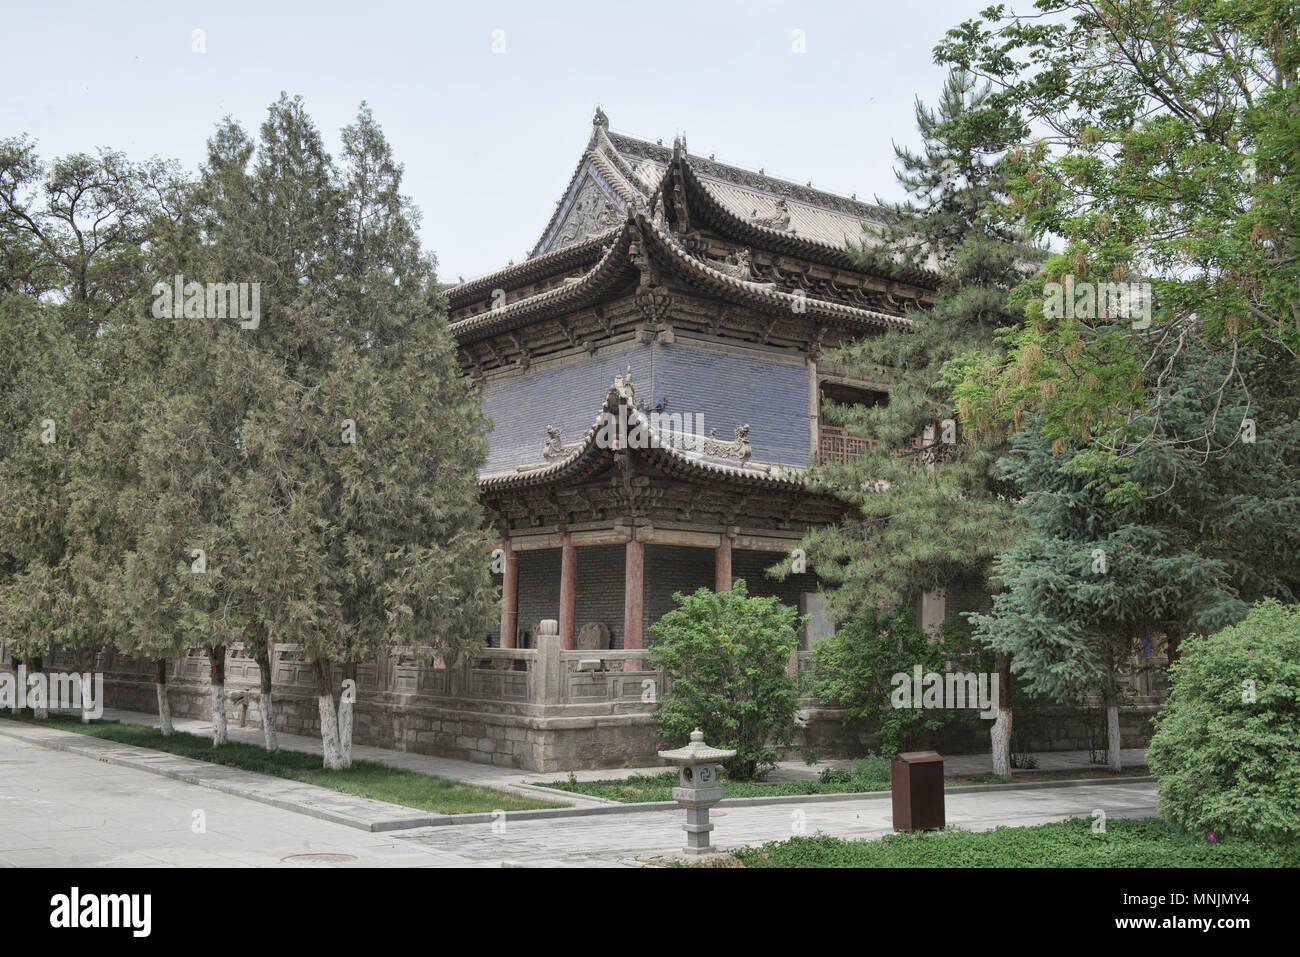 Uno de los antiguos edificios de la Dafo Templo (Gran Templo del Buda), que data de 1100, Zhangye, Gansu, China Foto de stock